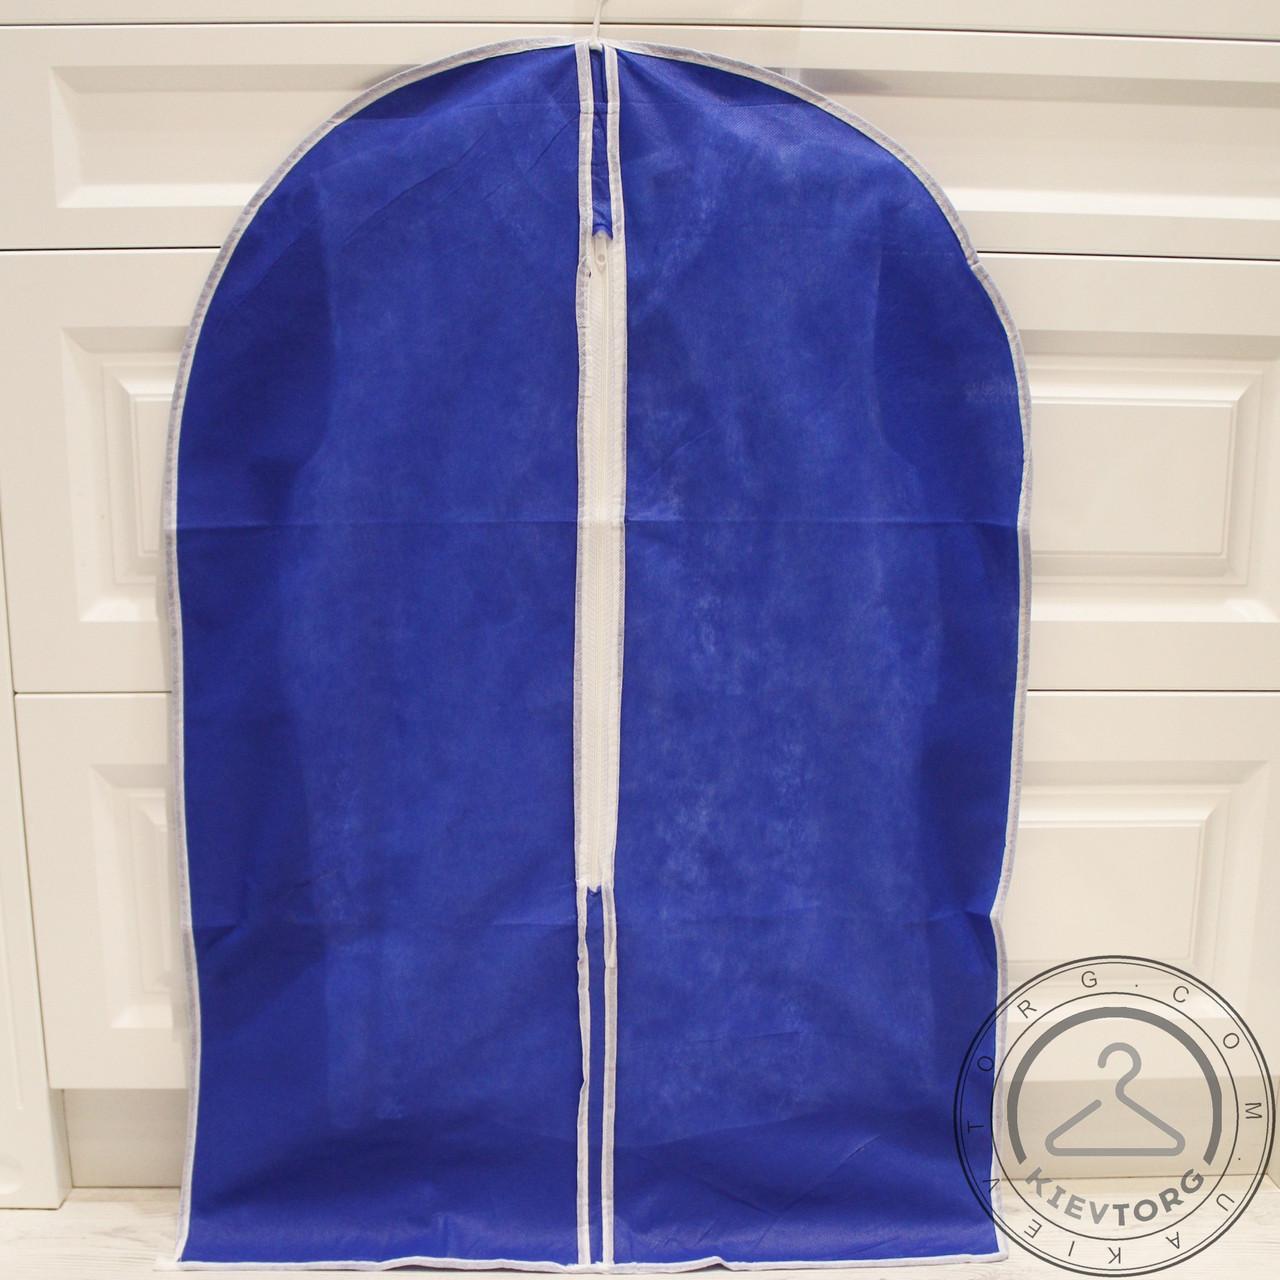 Чехол для упаковки и хранения одежды на молнии тканевый синий, 60х90 см